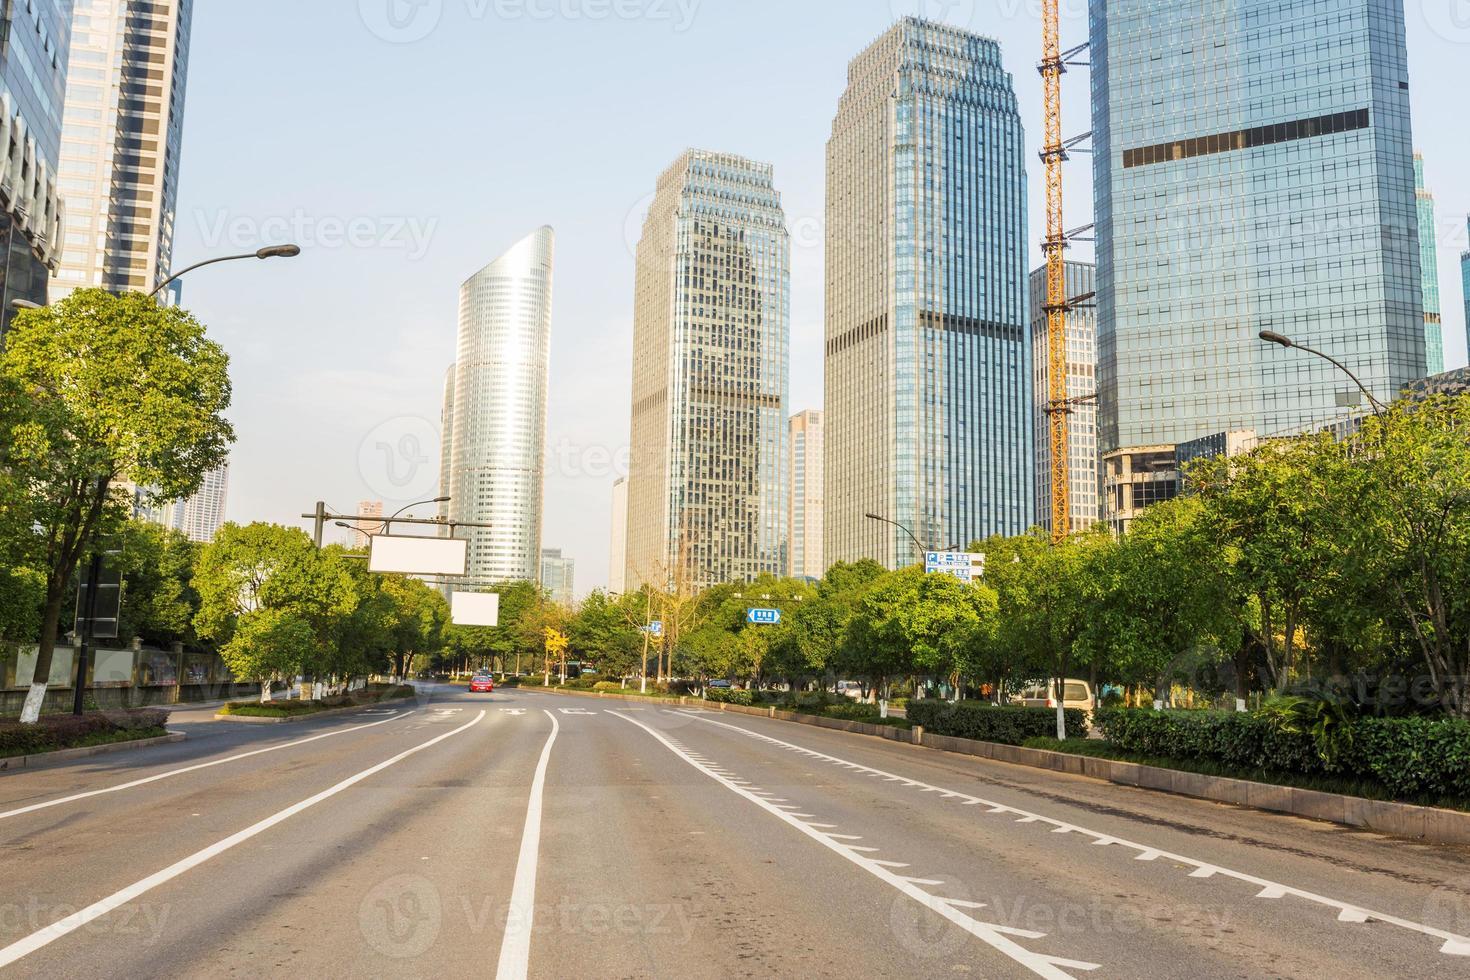 skyline, urban väg och kontorsbyggnad på dagen. foto